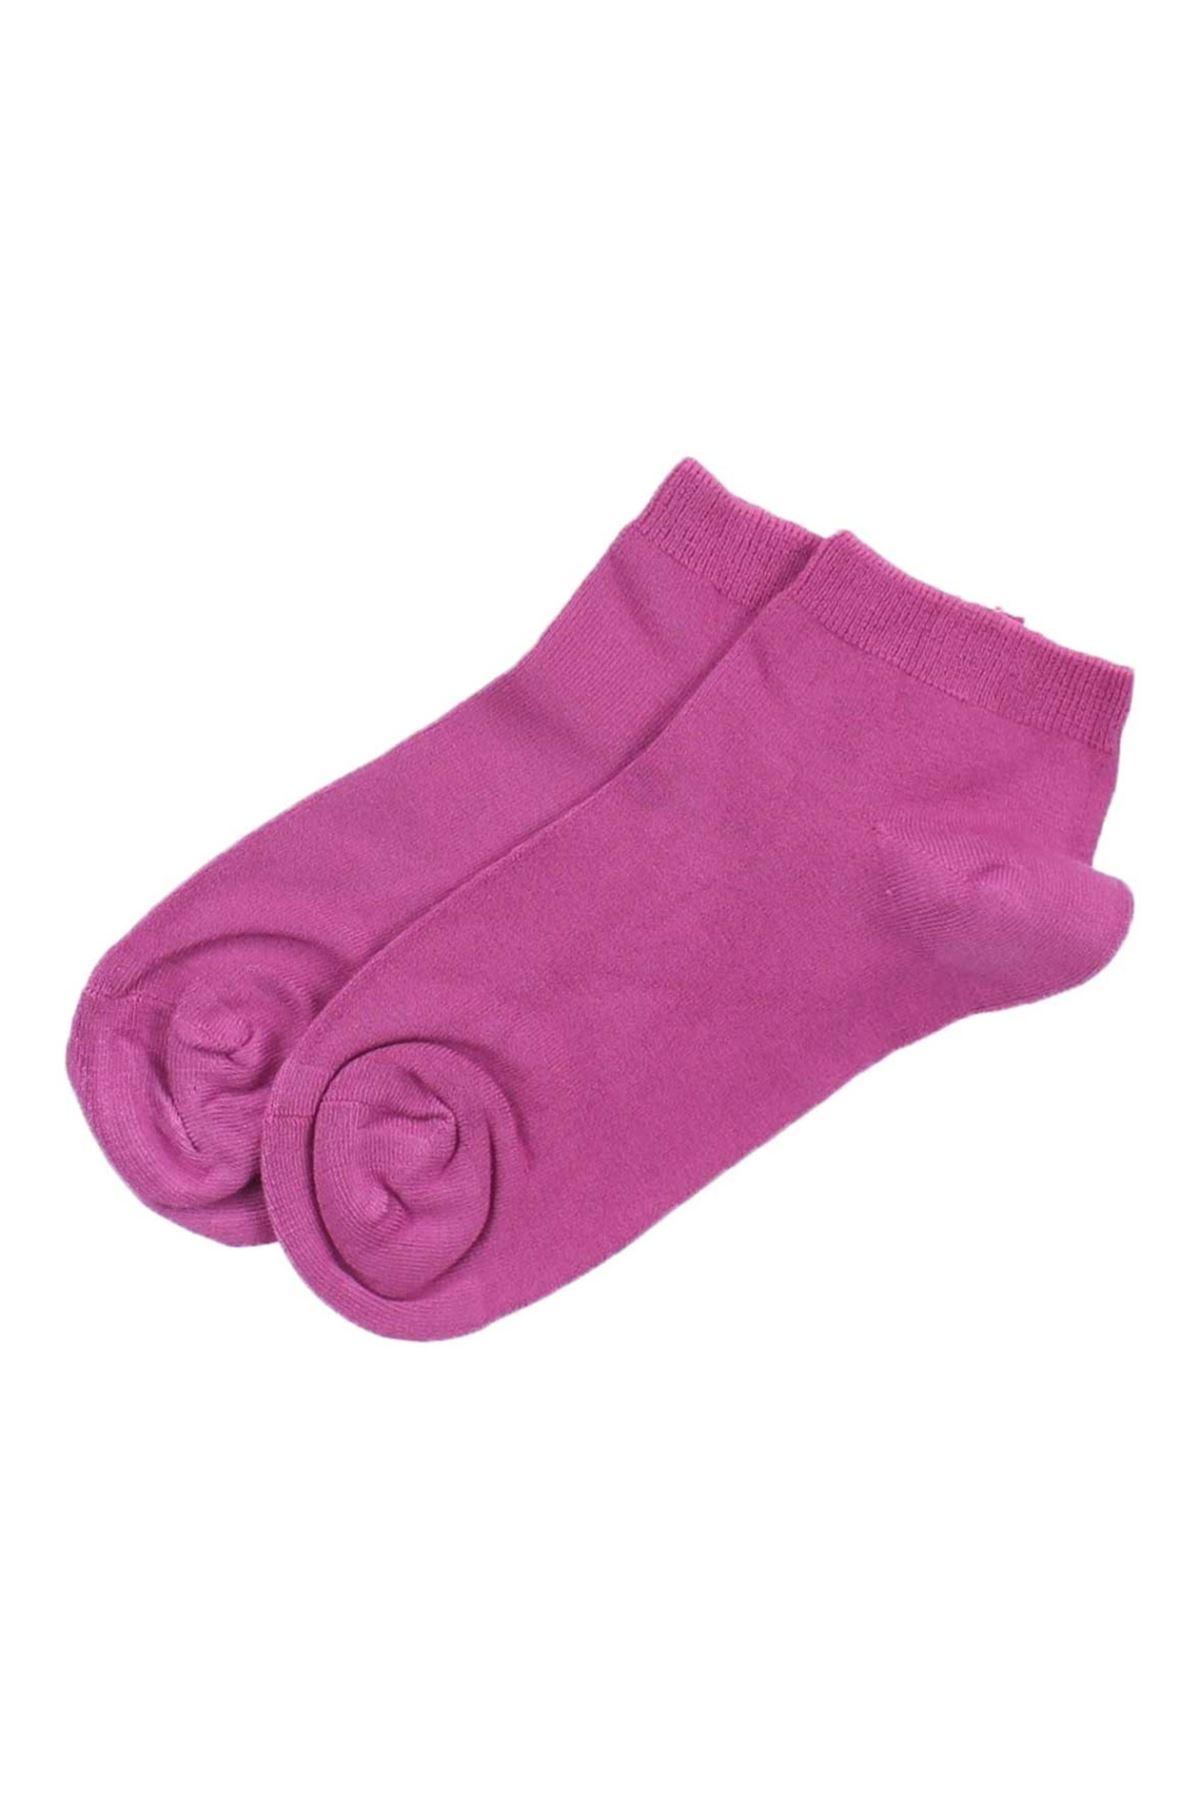 By Jawalli Modal Kadın Patik Çorap